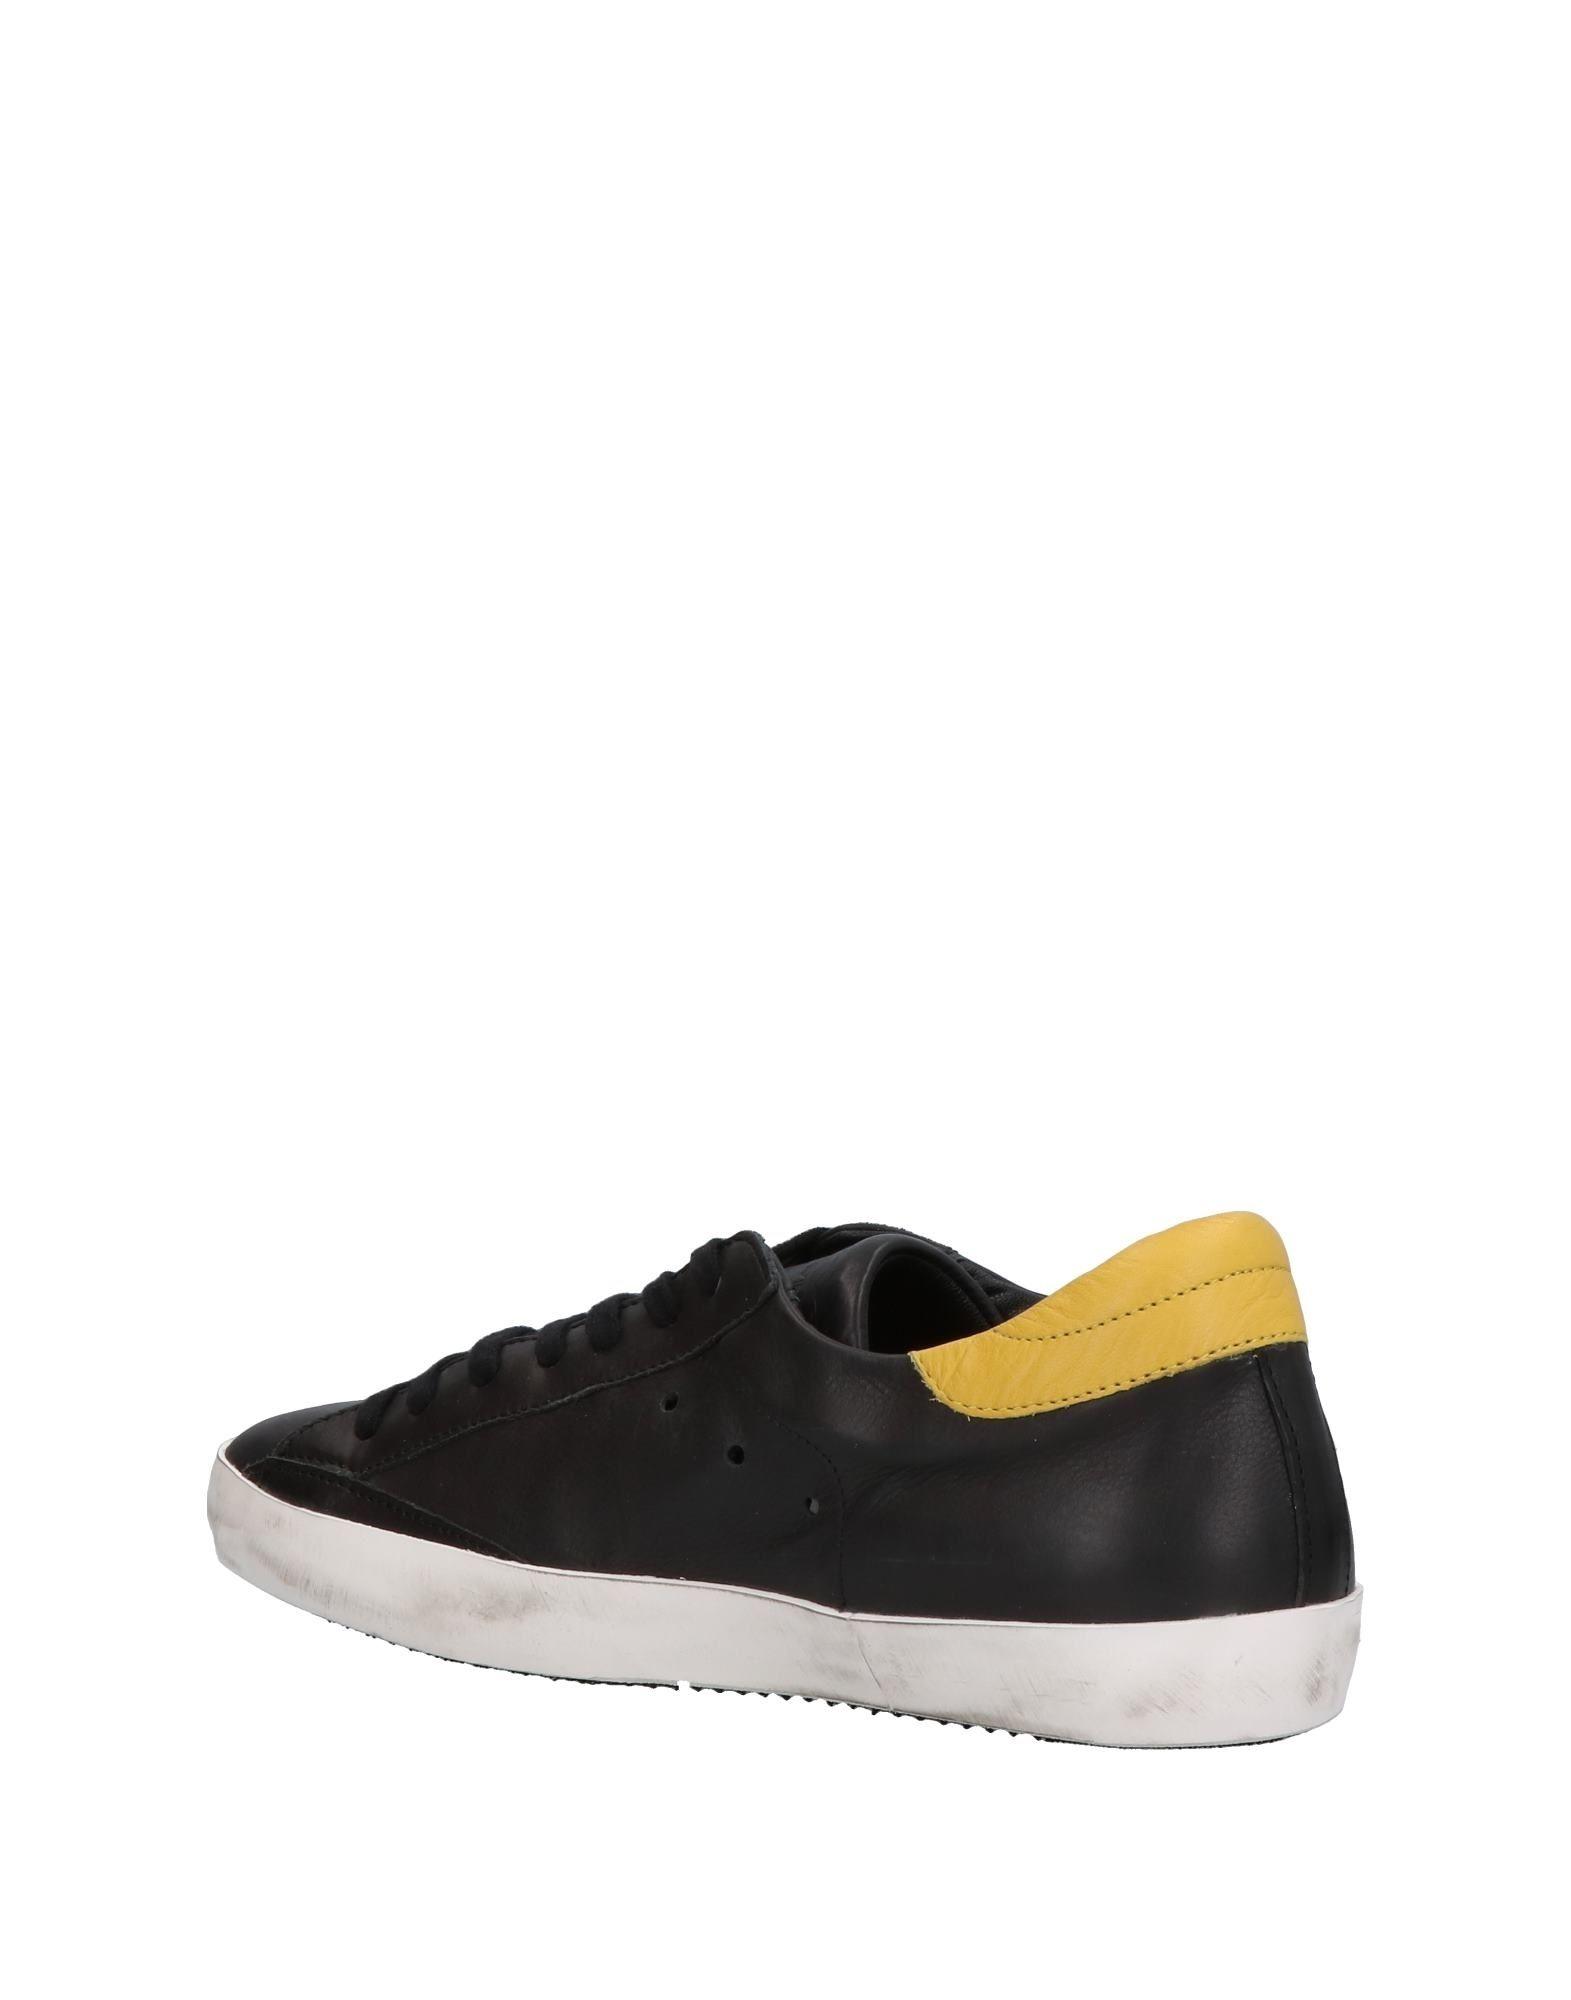 Philippe Model Sneakers Herren beliebte  11342405OC Gute Qualität beliebte Herren Schuhe 2701ca